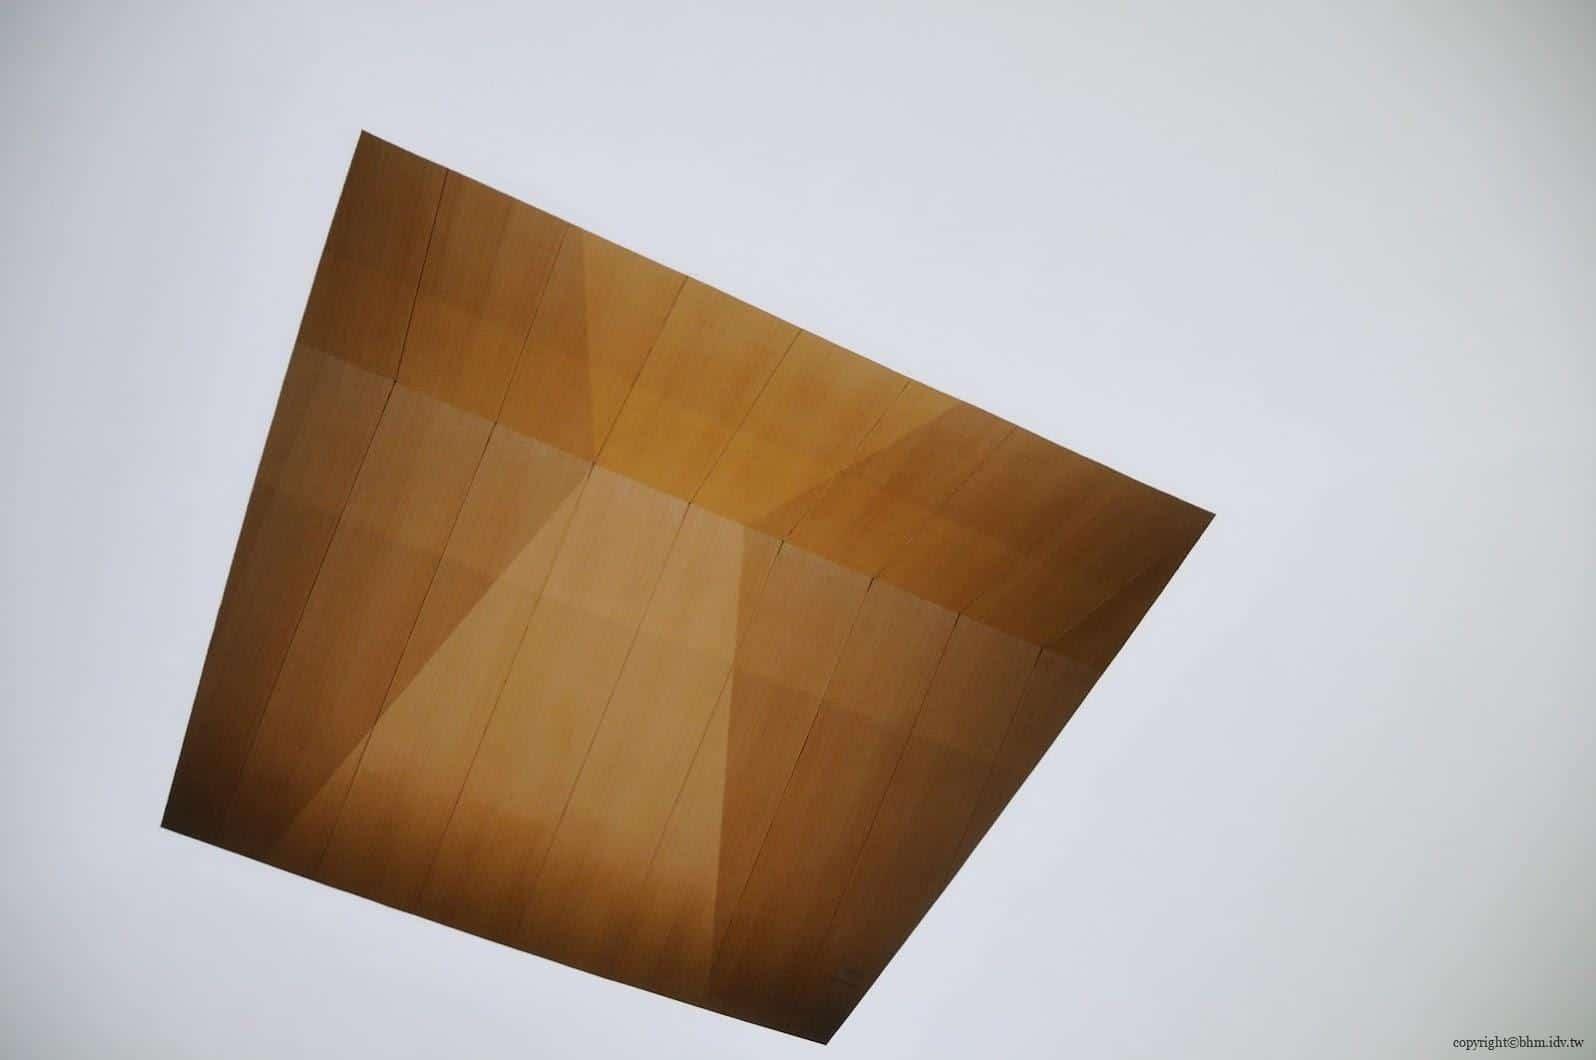 詹姆斯‧特瑞爾,光之館,作品「Outside In」,平面屋頂設計天花板天窗,可以觀察正午到日落的天空日光變化;很可惜當天時間和天氣都不對,沒有打開 越後妻有 光之館 house of light 07